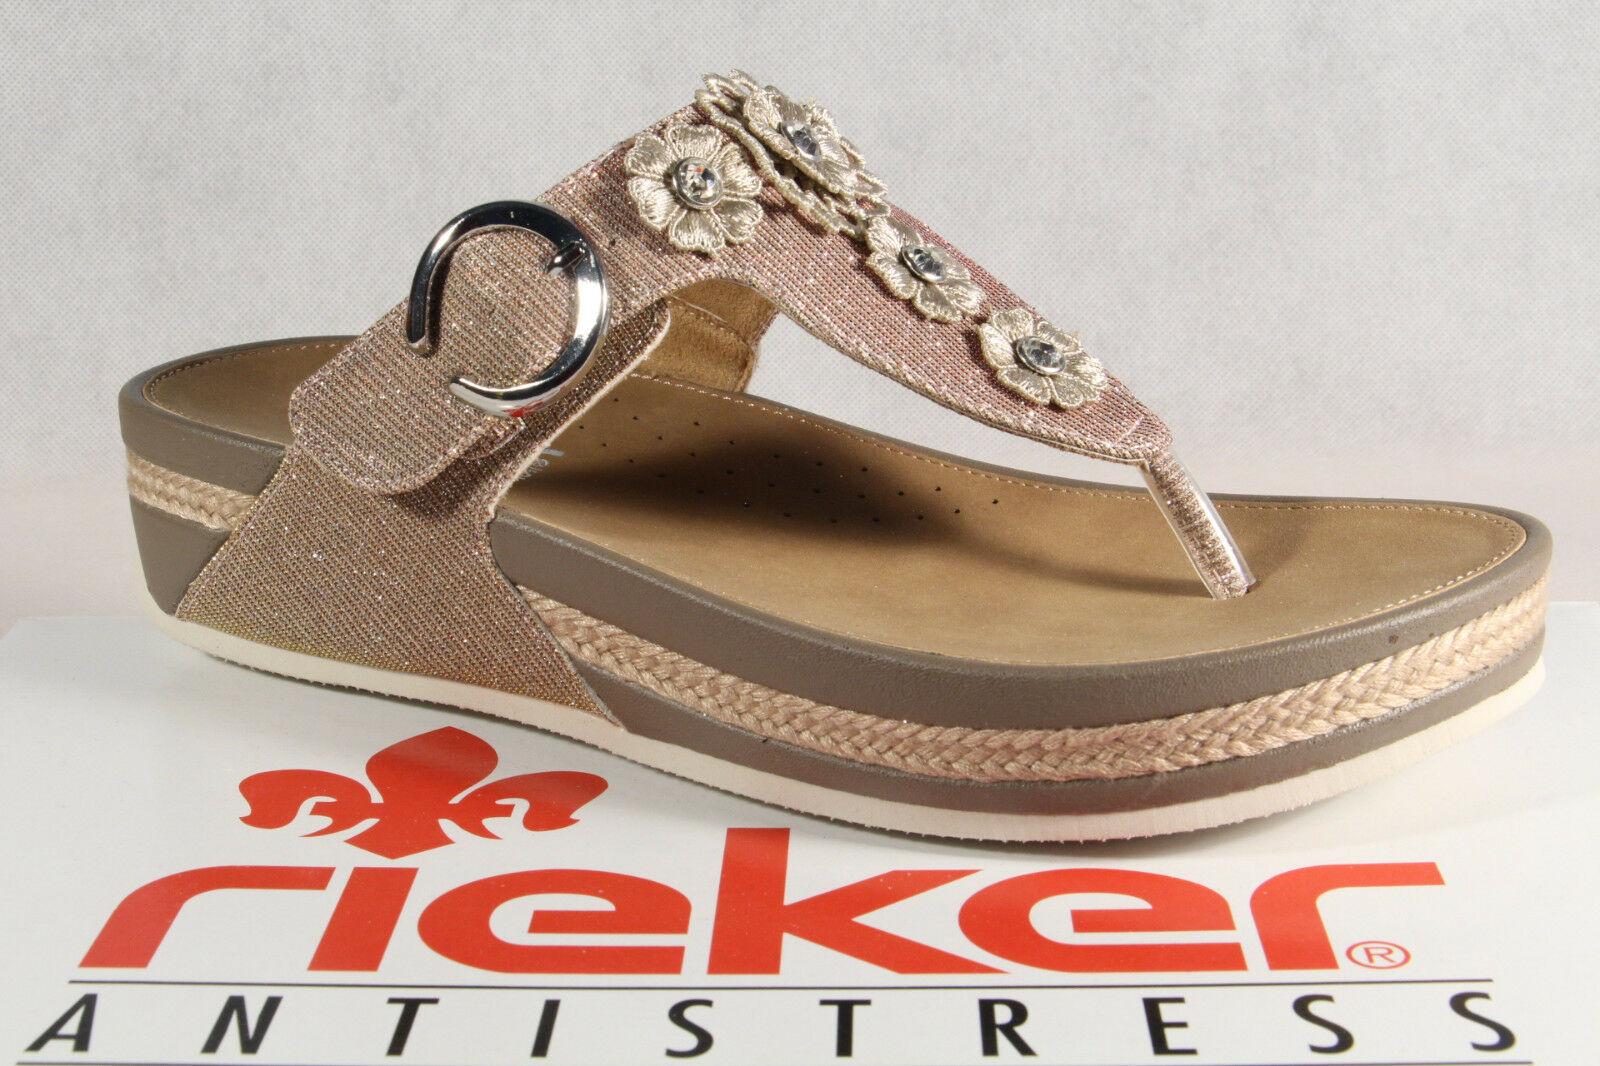 Rieker Damen Zehenstegpantolette Pantolette Sandale 18aHW